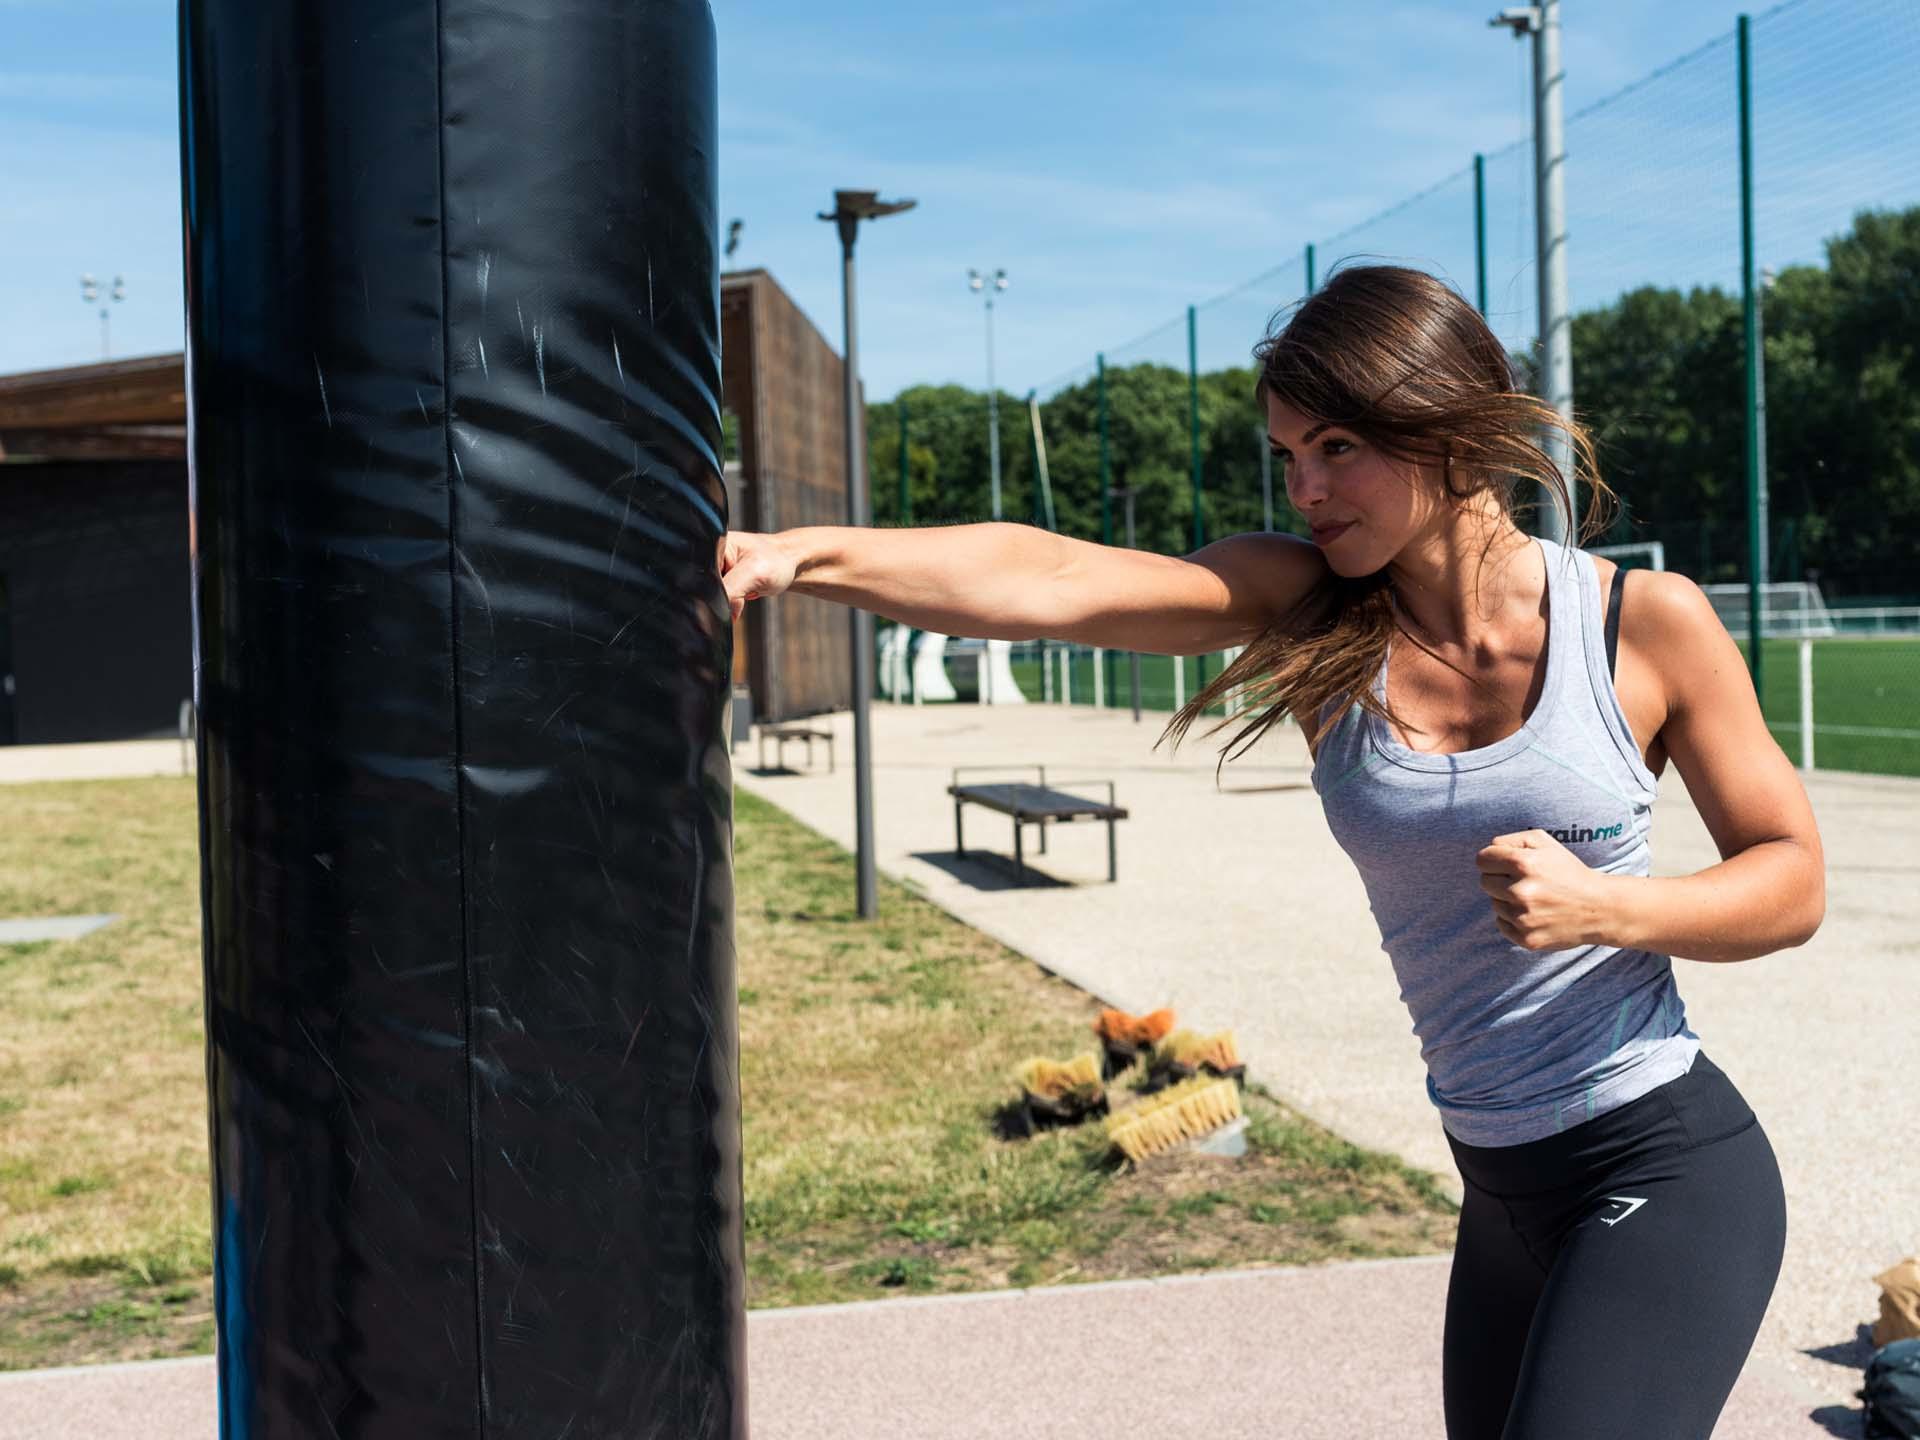 Photo d'une femme frappant dans un sac de boxe AirFit en extérieur